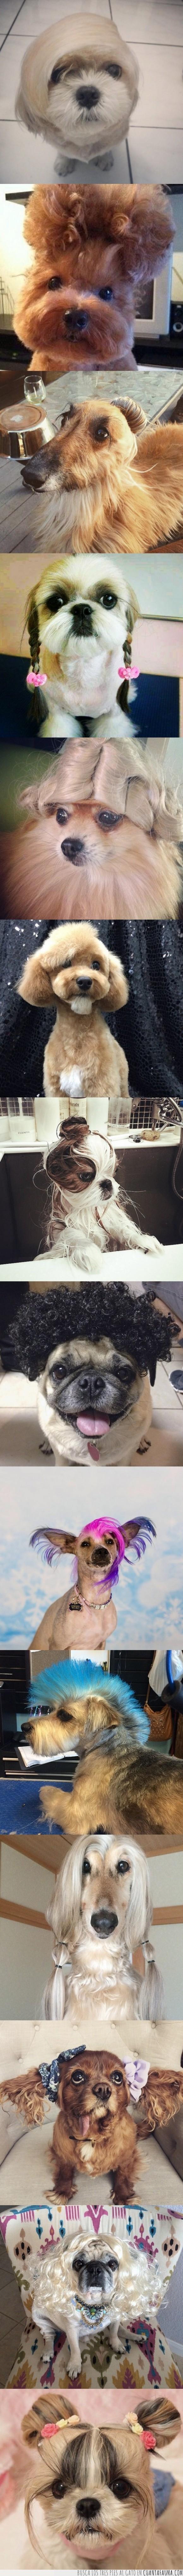 belleza animal,divertido,estilo,peinados,permanente,perro,rizos